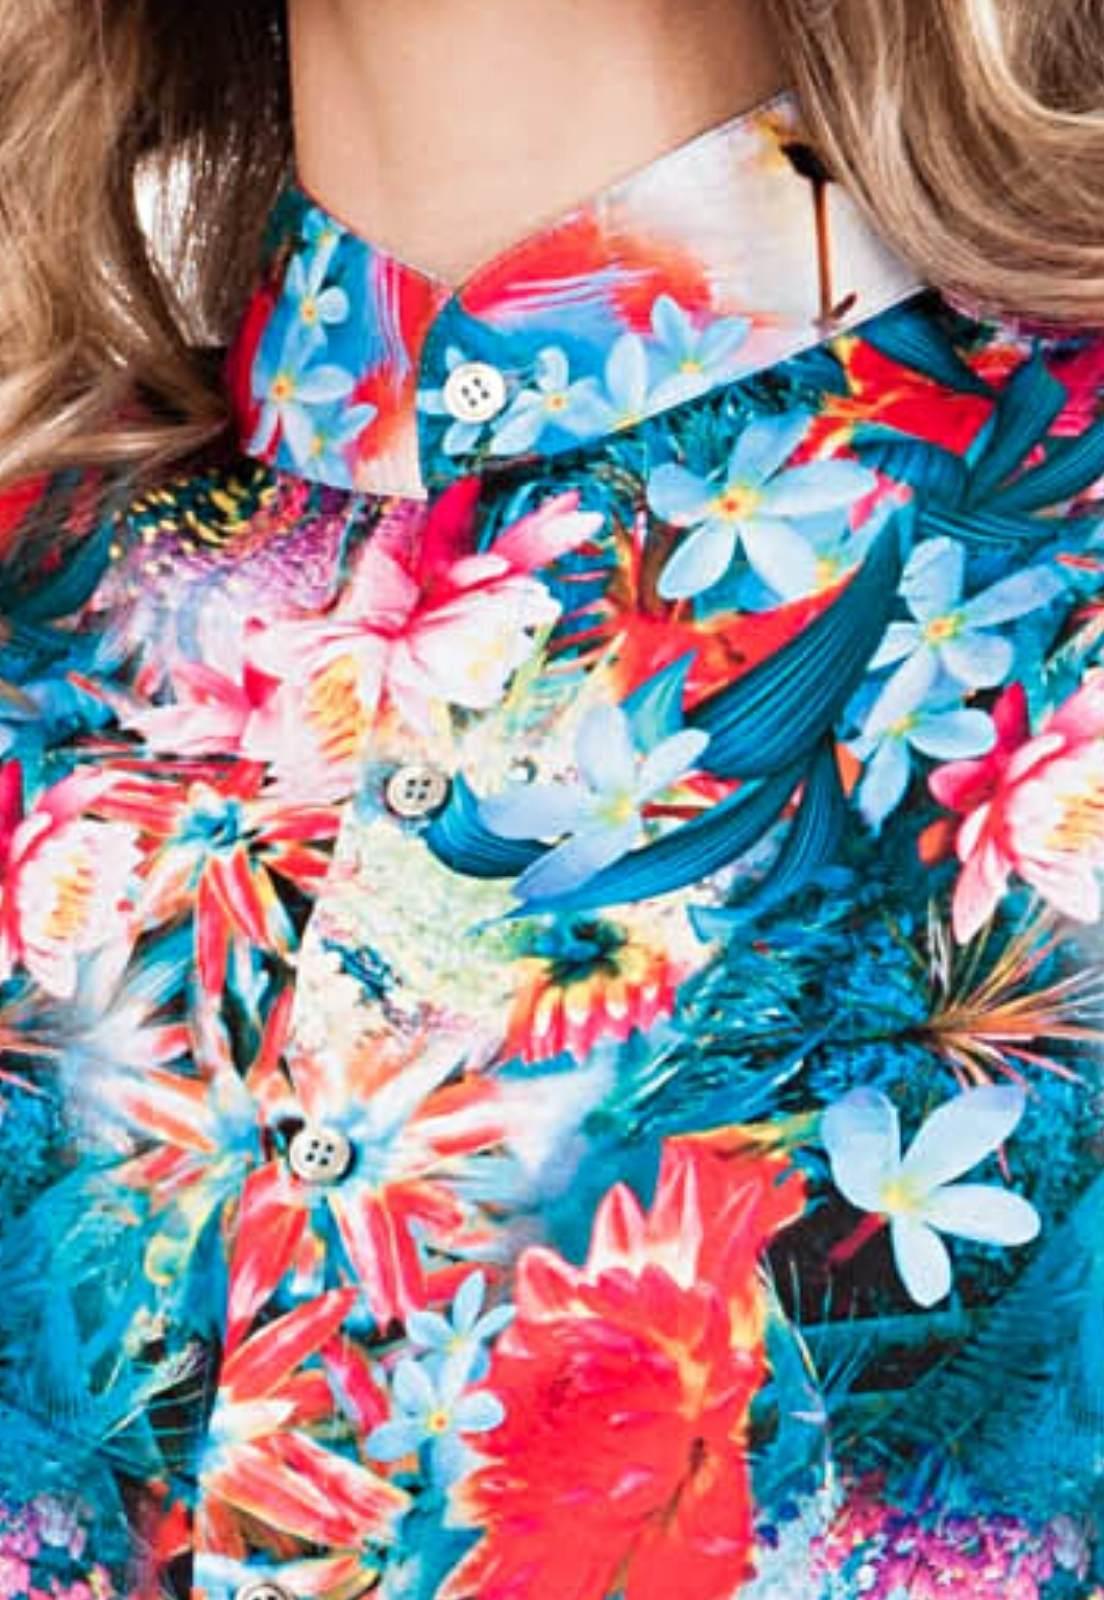 Macaquinho Floral Estampado Garden Of Eden Sem Gênero ElephunK Azul